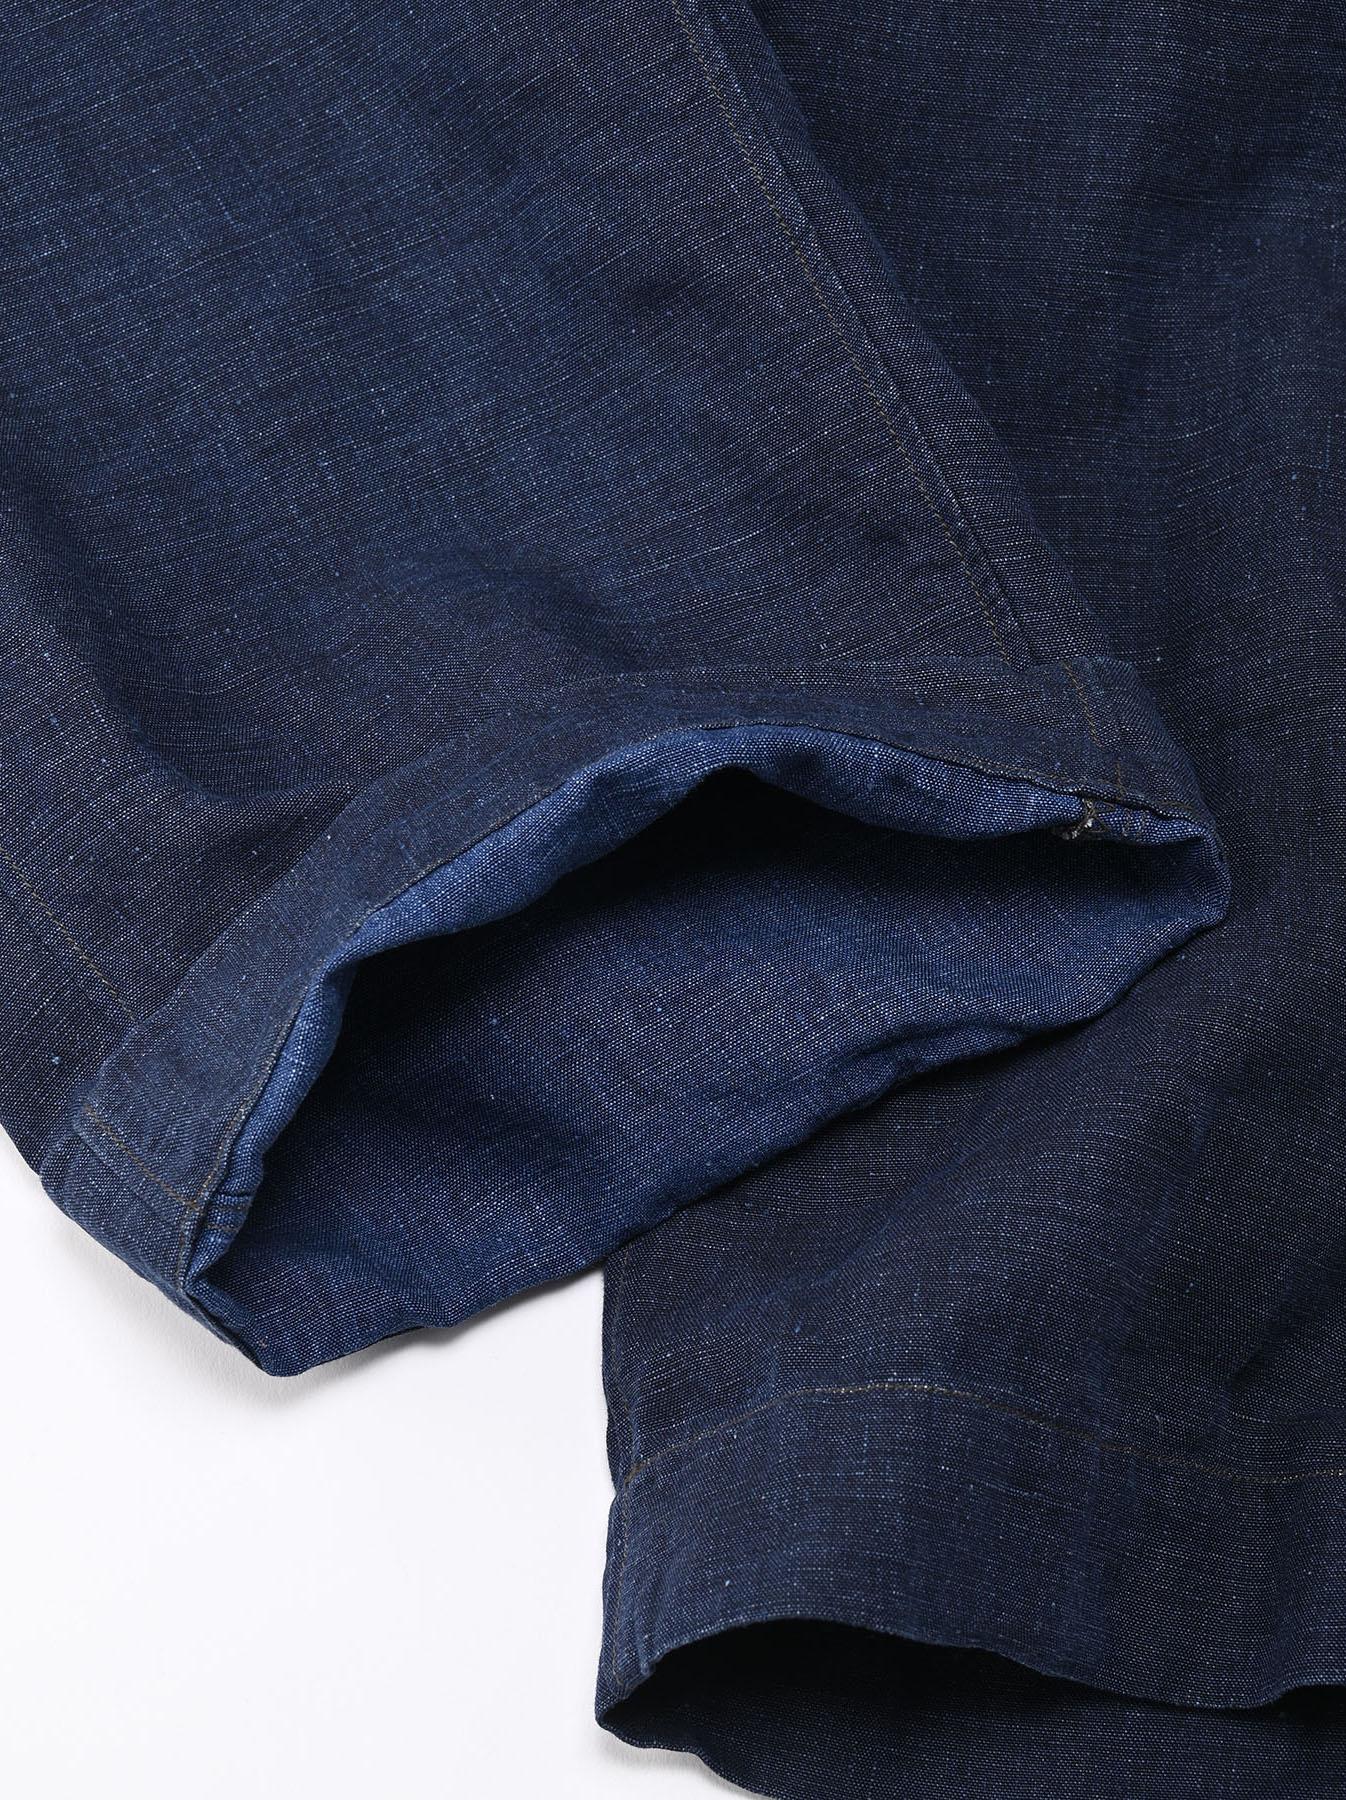 Indigo Nou Linen 908 Easy Sail Pants (0721)-10